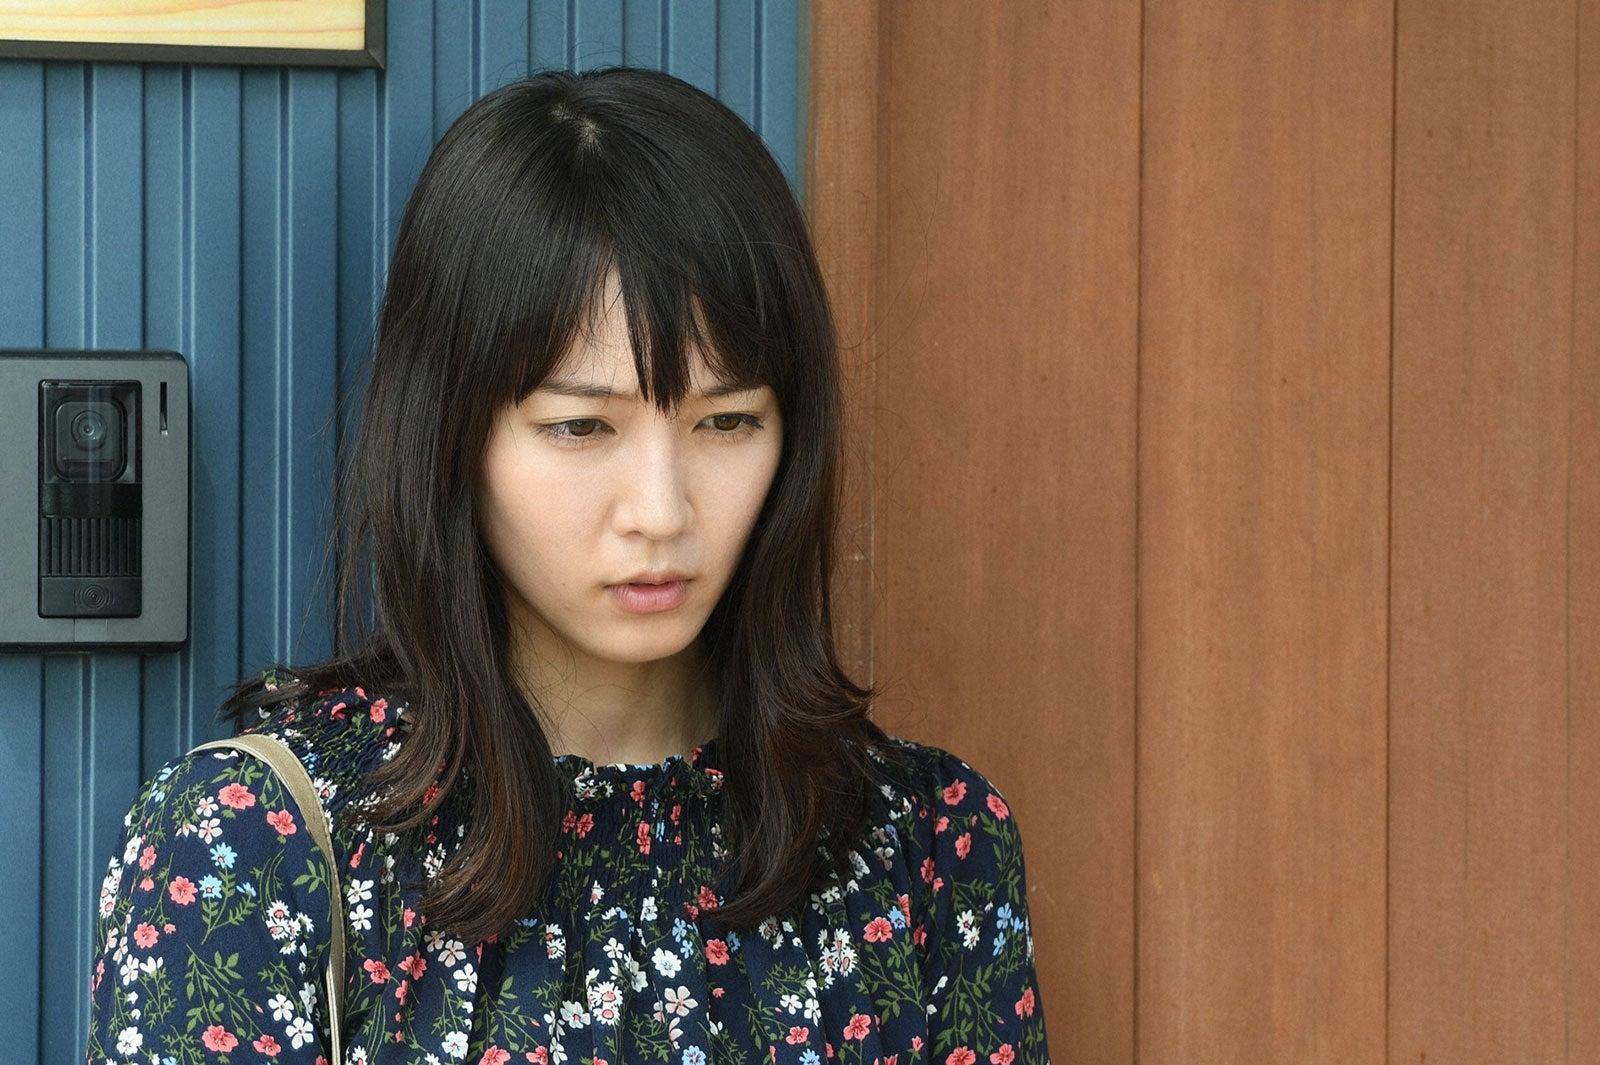 吉岡里帆/「ごめん、愛してる」最終話より(画像提供: